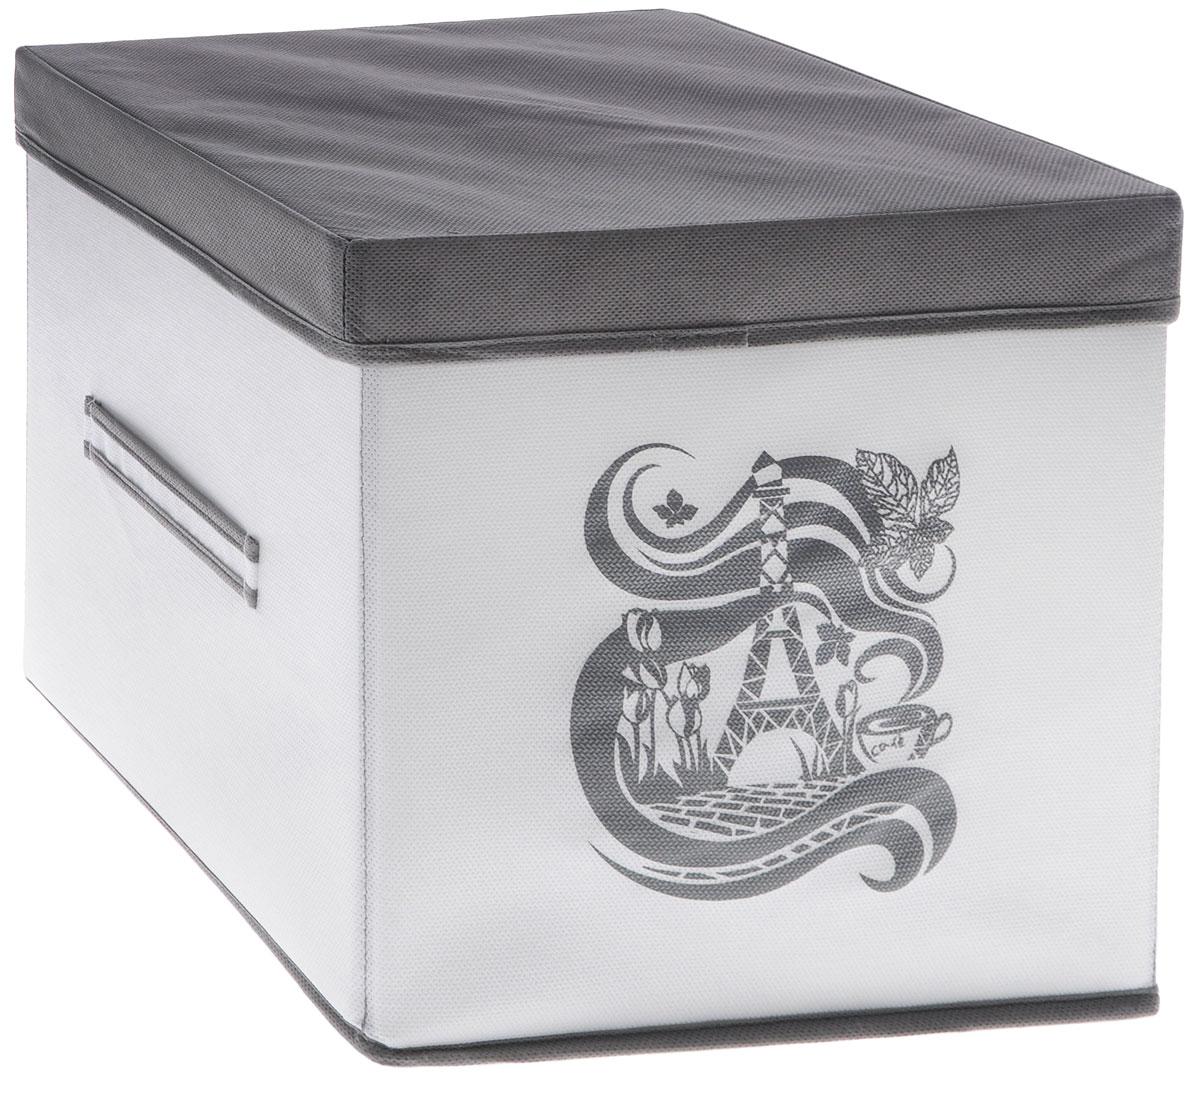 Коробка для вещей Все на местах Париж, с крышкой, цвет: серый, белый, 30 х 30 х 30 см1001009.Коробка с крышкой Все на местах выполнена из высококачественного нетканого материала, который обеспечивает естественную вентиляцию и предназначен для хранения вещей или игрушек. Он защитит вещи от повреждений, пыли, влаги и загрязнений во время хранения и транспортировки. Размер коробки: 30 х 30 х 30 см.